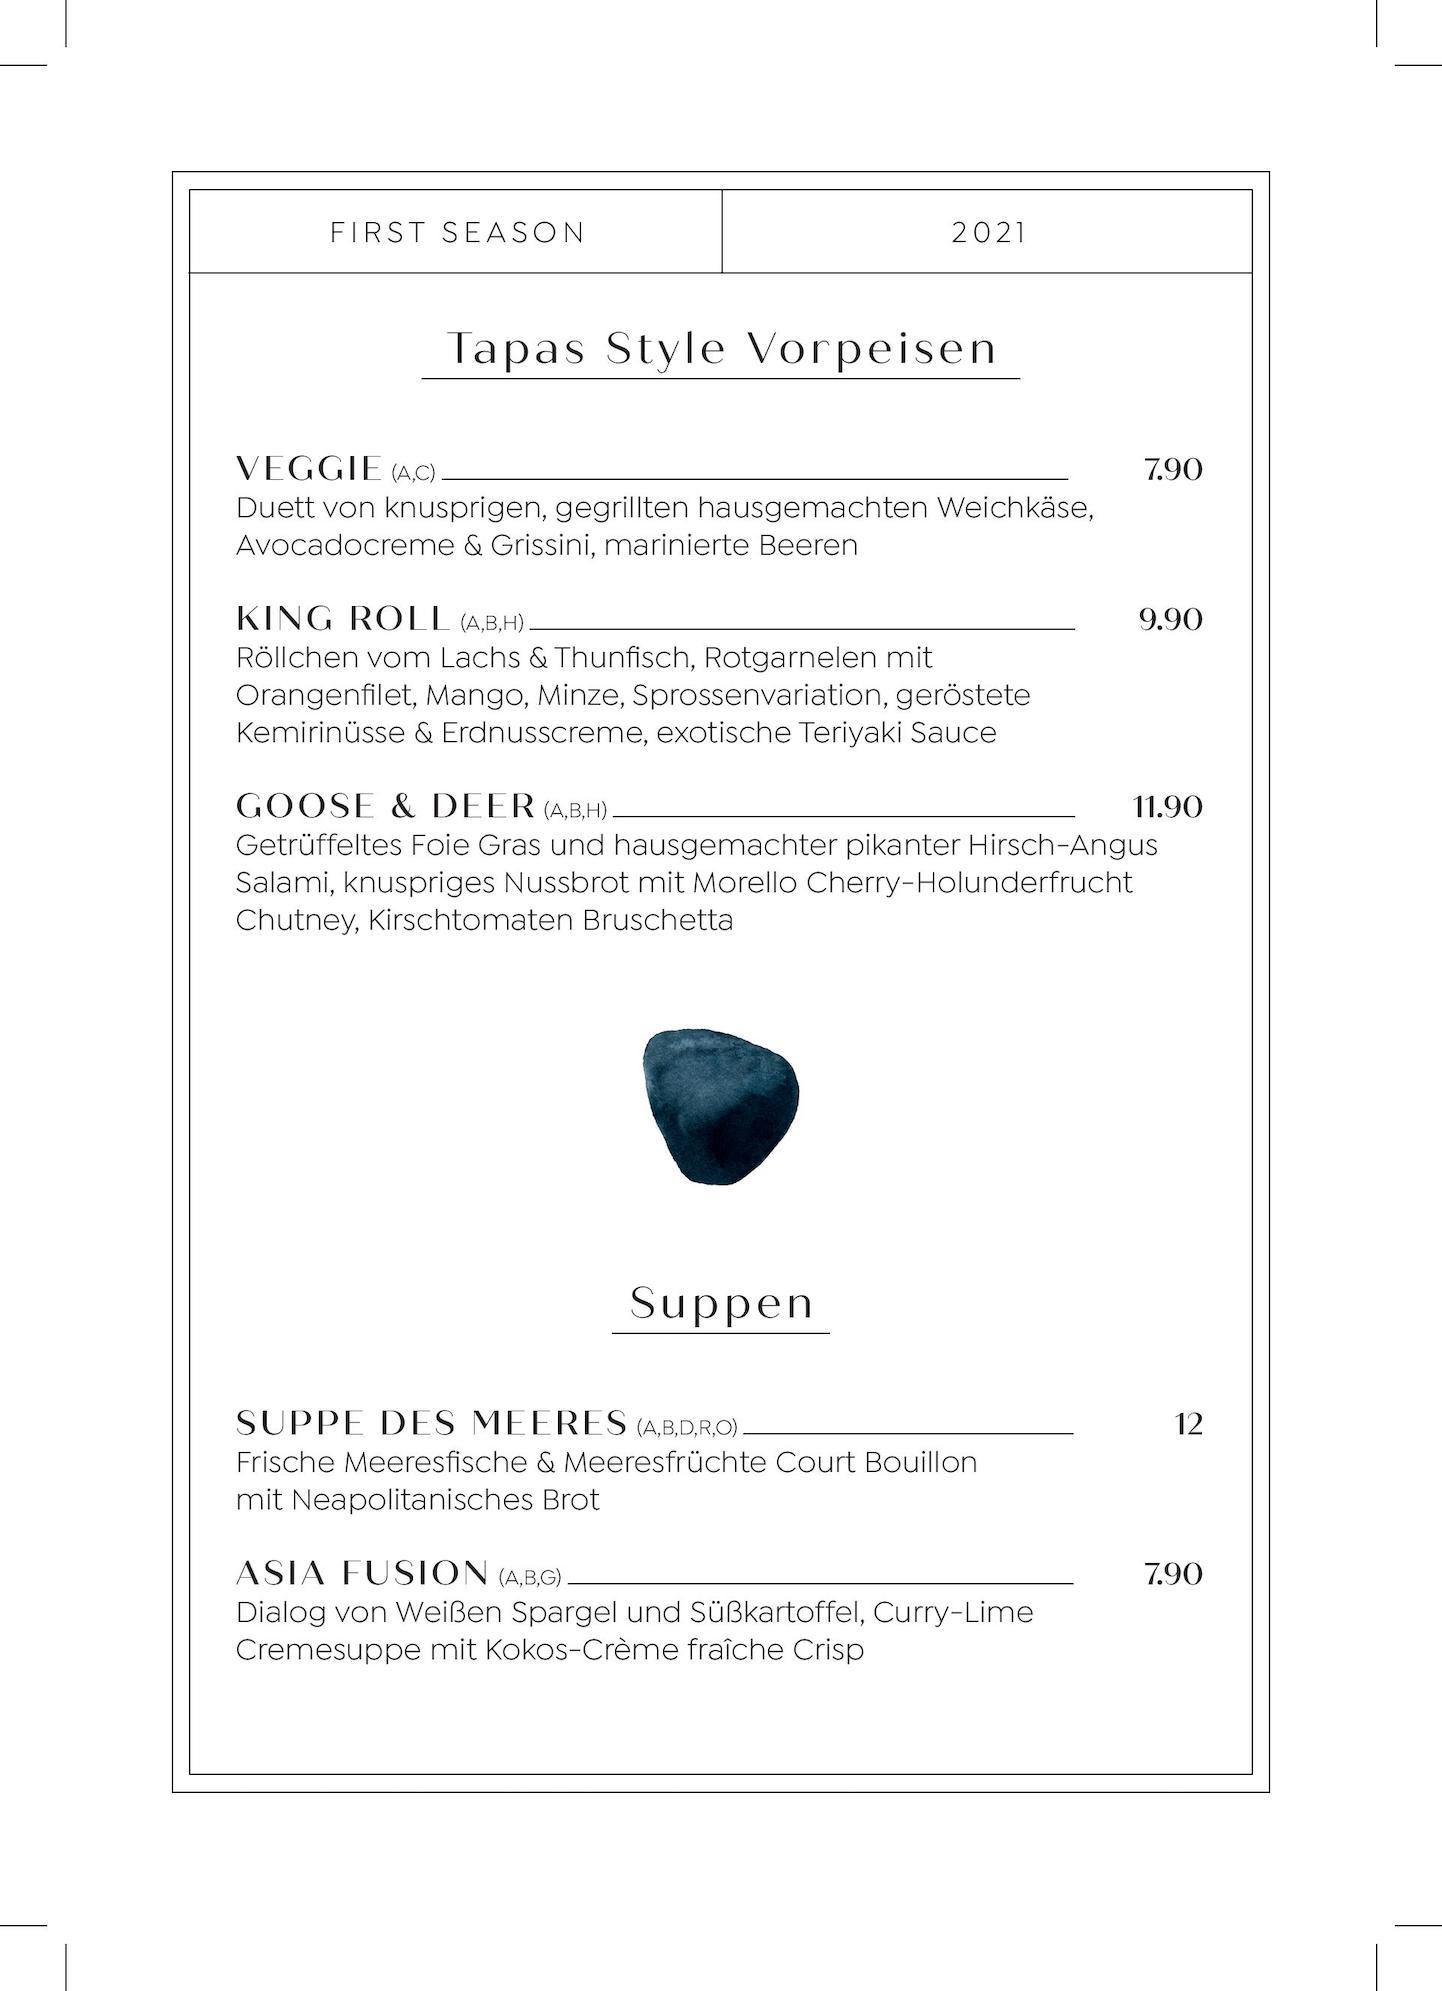 DaRose_menu_roviditettPrint-page-004